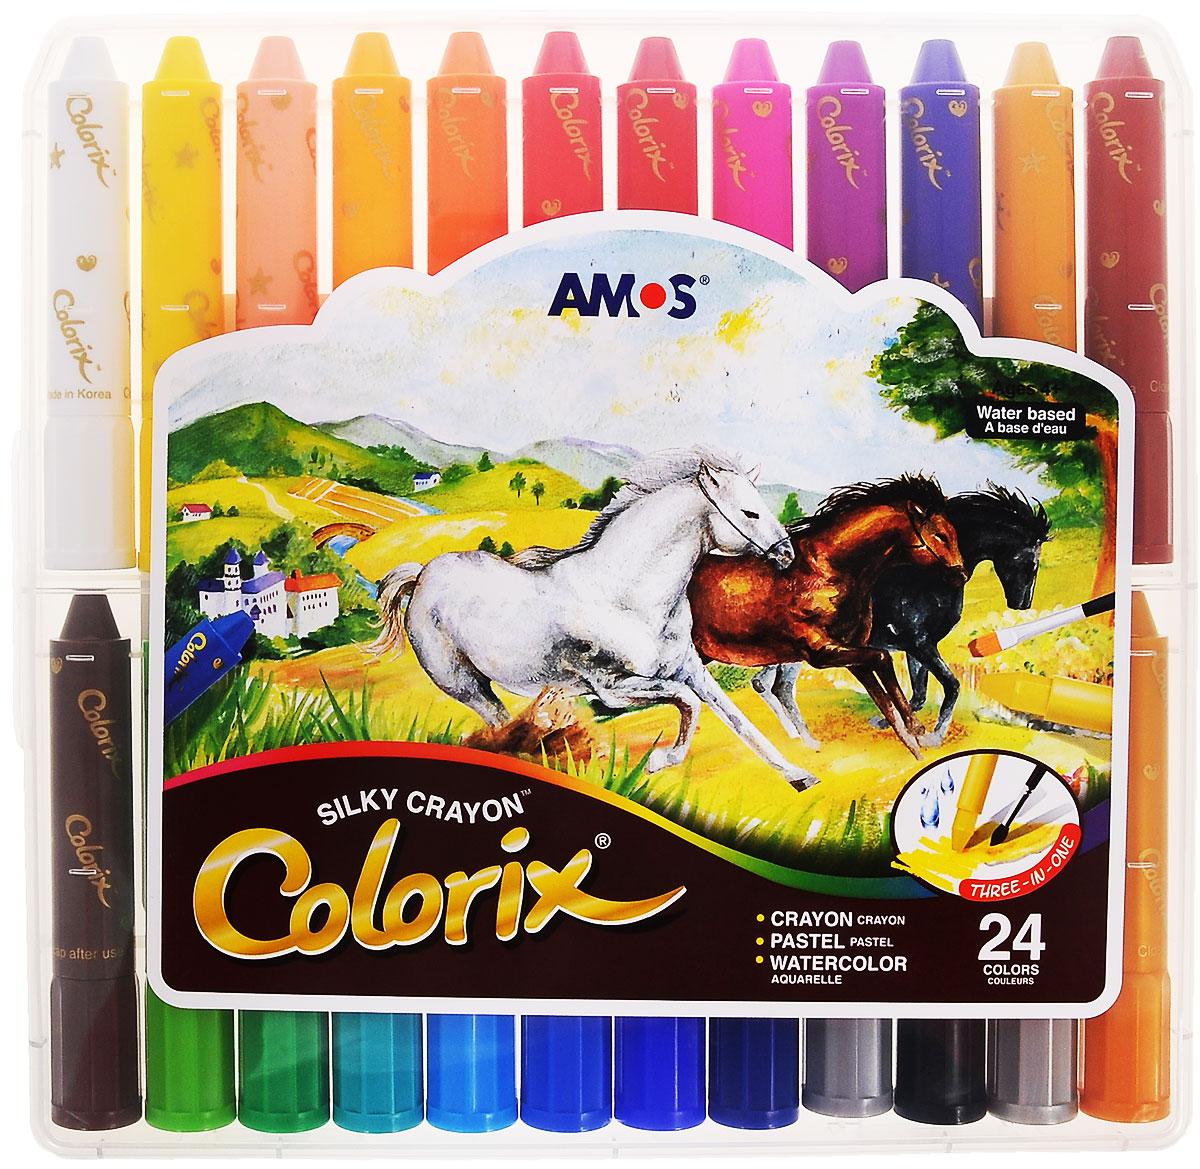 Amos Цветные карандаши Colorix, 24 цветаCRX5PC24Цветные карандаши Amos Colorix идеальный инструмент для самовыражения и развития маленького художника! Карандаши имеют уникальную восьмиугольную форму. В наборе представлены 12 цветных карандашей (коричневый, черный, фиолетовый, синий, голубой, салатовый, зеленый, красный, оранжевый, оранжево-розовый, желтый, белый). Оснащены карандаши колпачками, чтобы снять его, слегка поверните по часовой стрелке. Использовать такие карандаши можно в трех вариантах: мелки для создания яркой плотной текстуры, пастель, чтобы создать мягкую растушевку и смешивать цвета, акварель для придания оттенков и эффектов. Карандаши не пачкаются, не токсичны и не имеют запаха. Рекомендуемый возраст: от 4 лет.